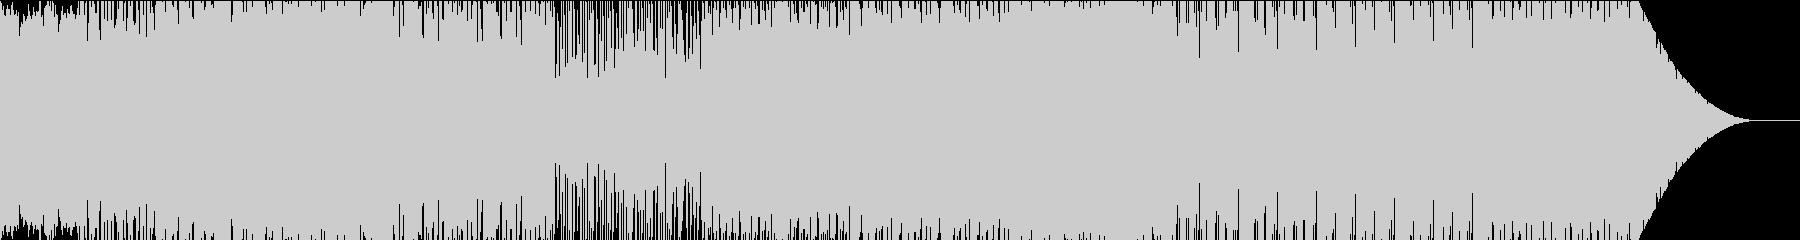 重めの雰囲気のミドルテンポエレクトロの未再生の波形